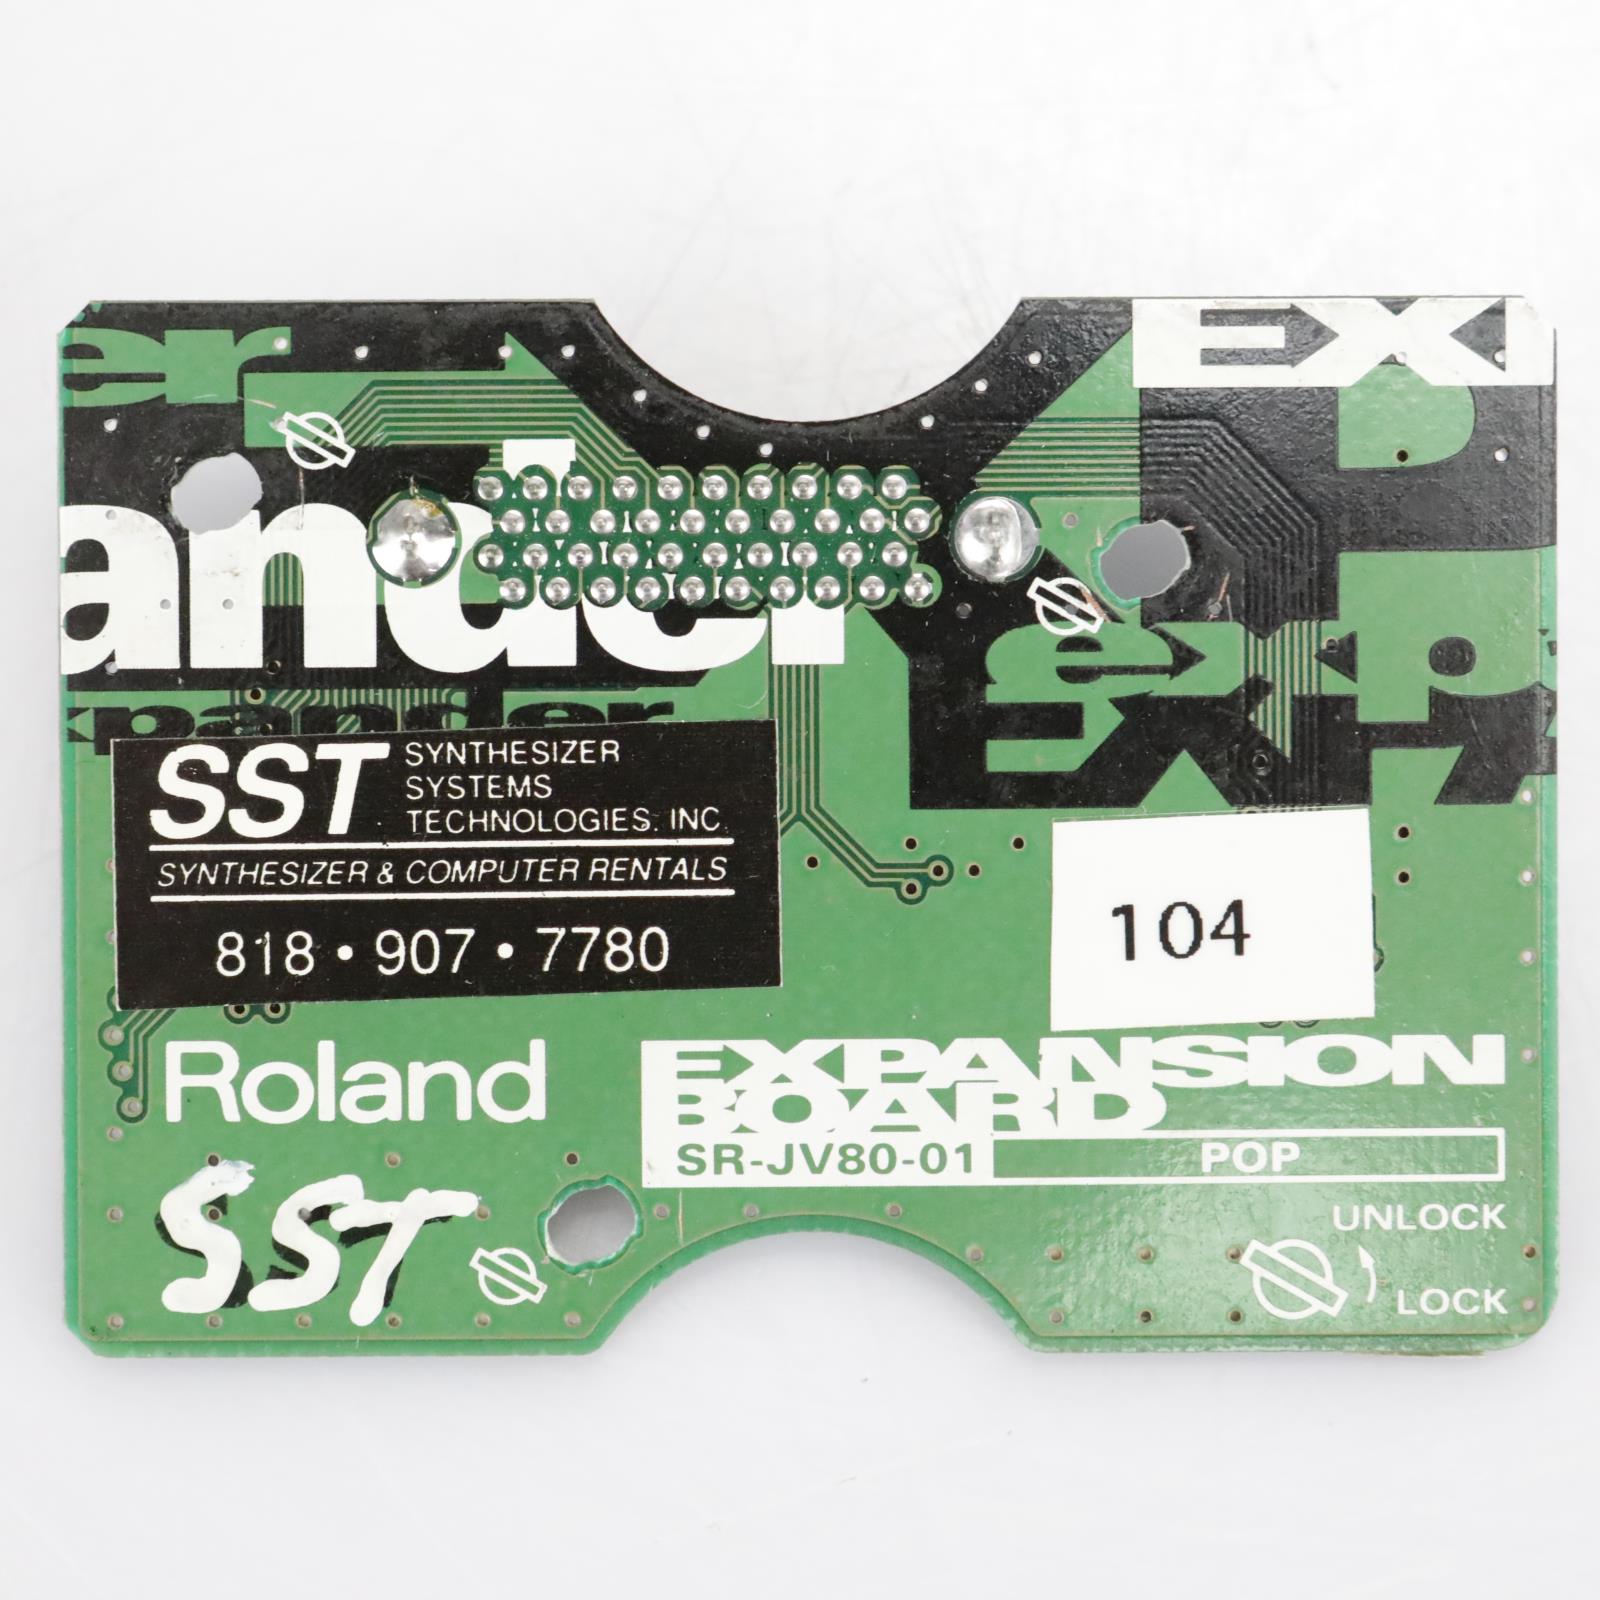 Roland Pop SR-JV80-01 Expansion Board #41741